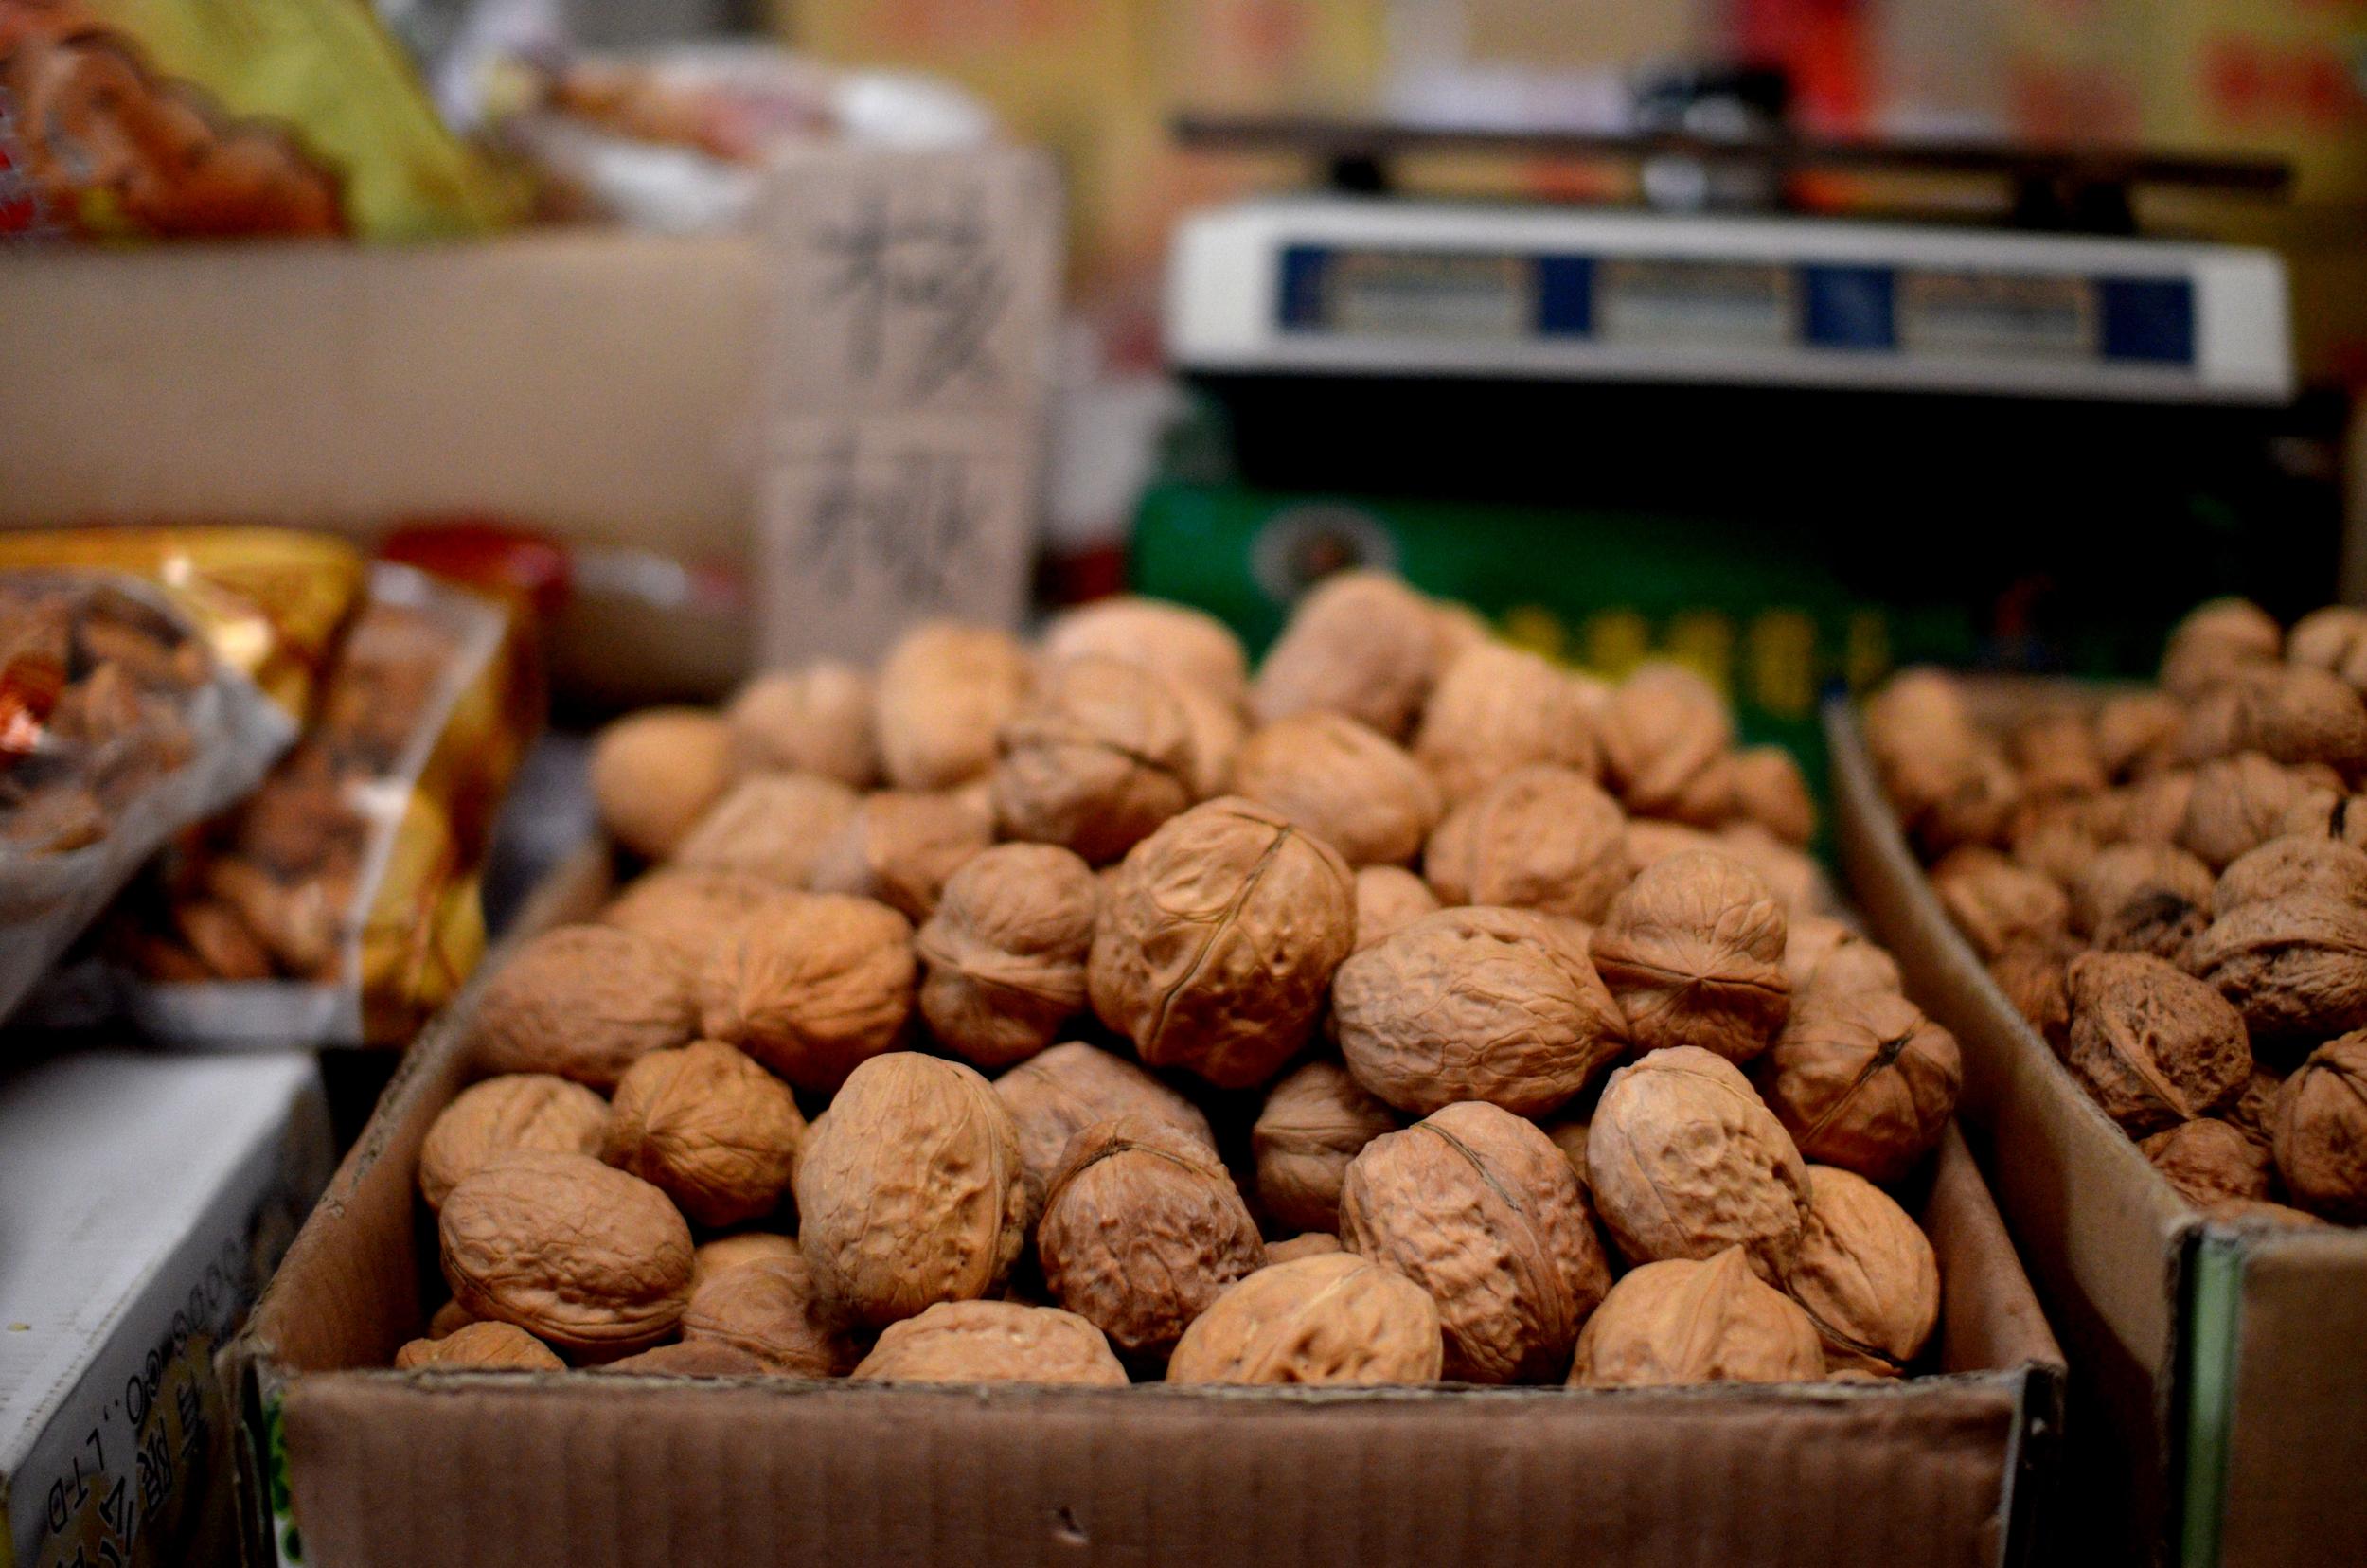 Walnuts & More Walnuts